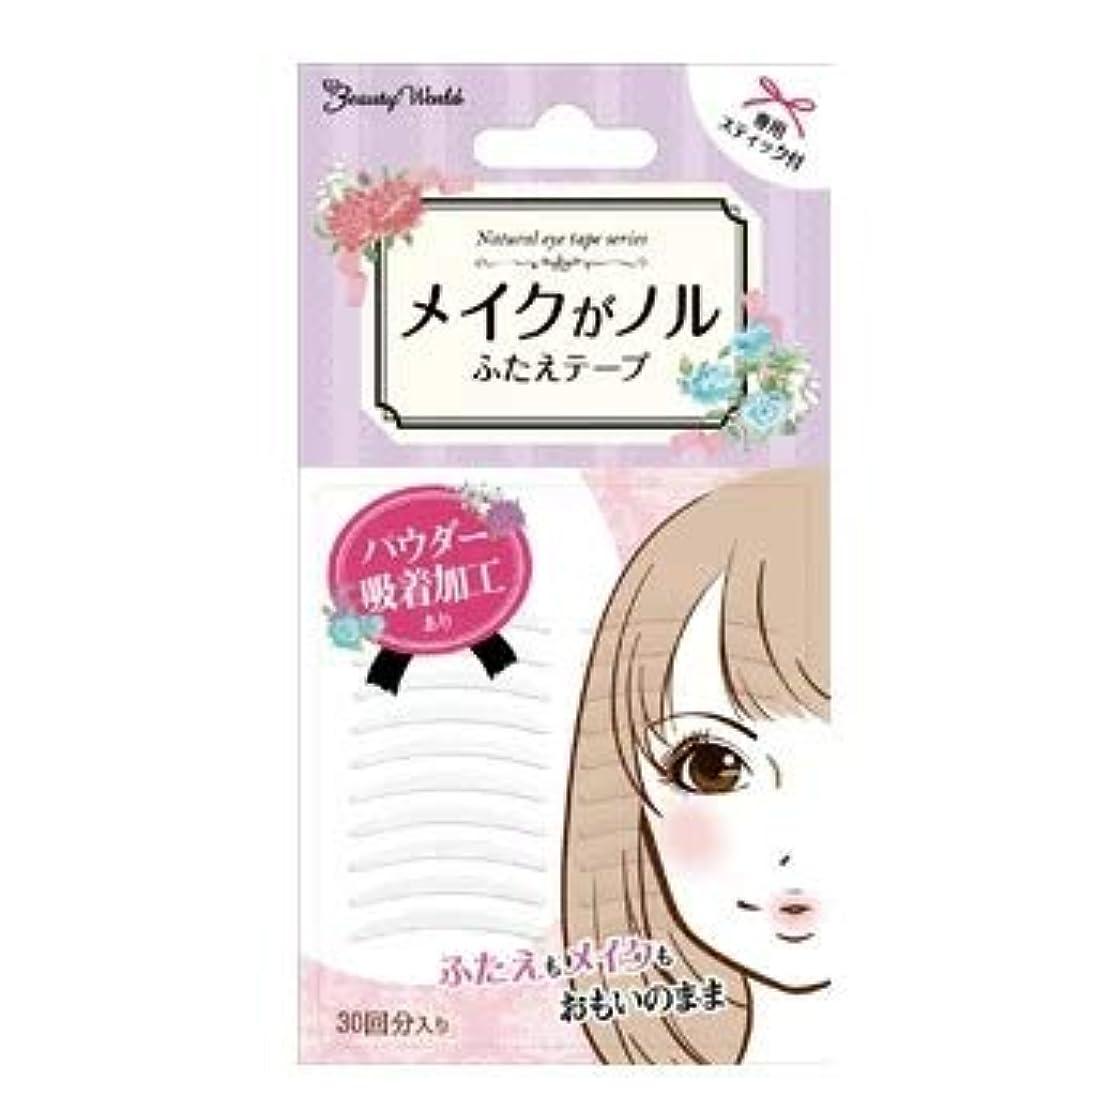 任命するぐるぐる正確なふたえ用テープ(透明) ENT241 30回分 スティック付き 日本製 メイク 化粧 アイメイク 目 ぱっちり 二重 ふたえ 変身 クリア 自然 素肌 フィット 初心者 簡単 かわいい 女子 女の子